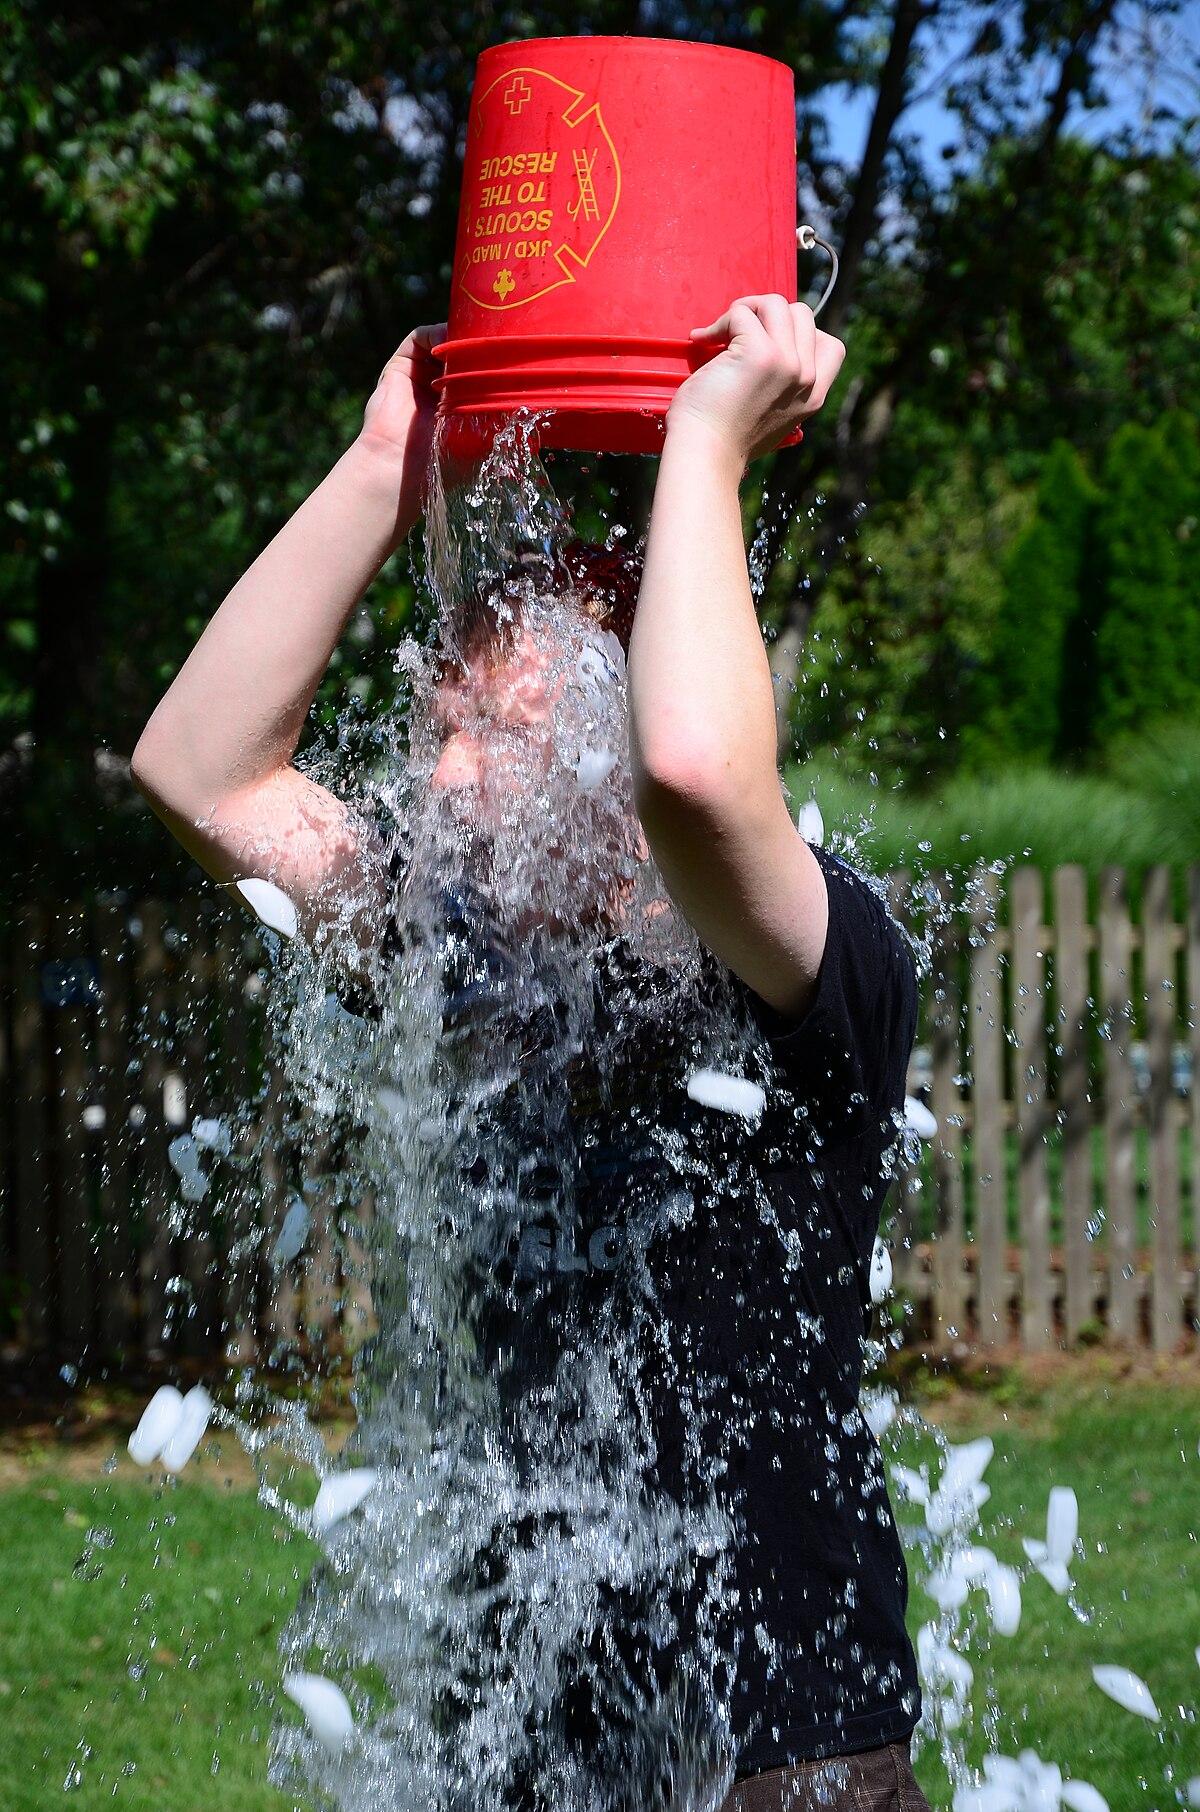 Doing the ALS Ice Bucket Challenge (14927191426).jpg